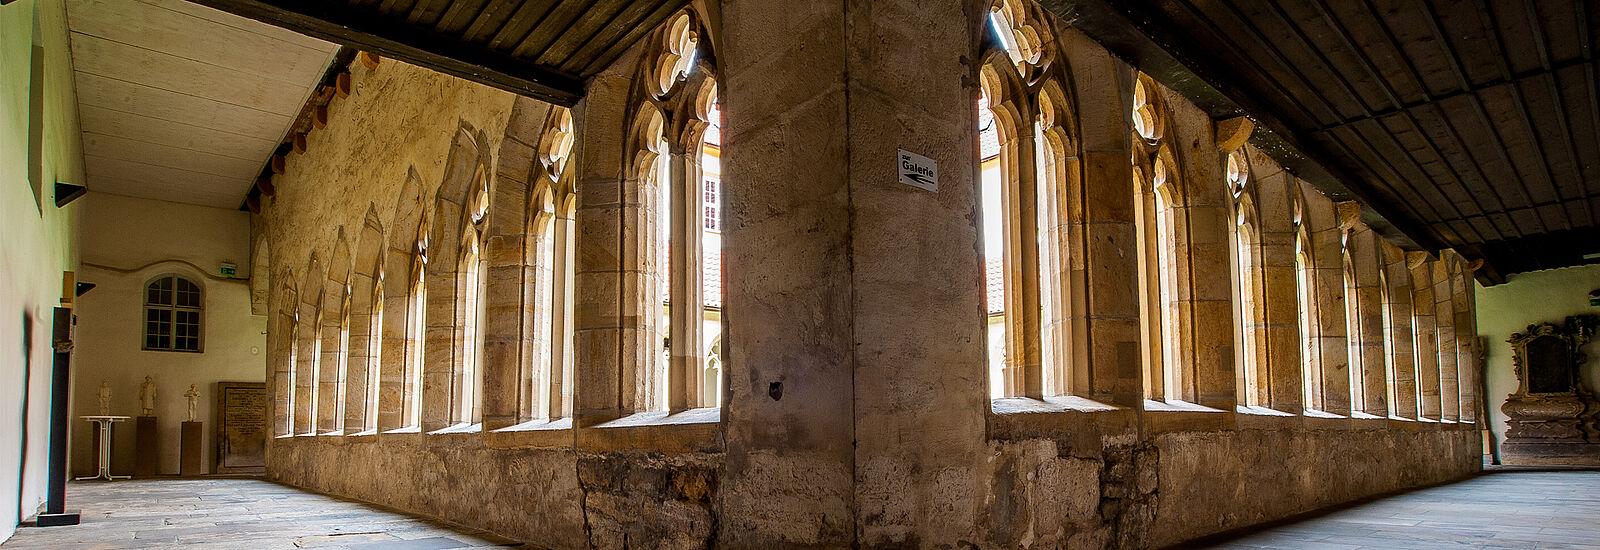 Augustinerkloster Gotha ©J.Schröter